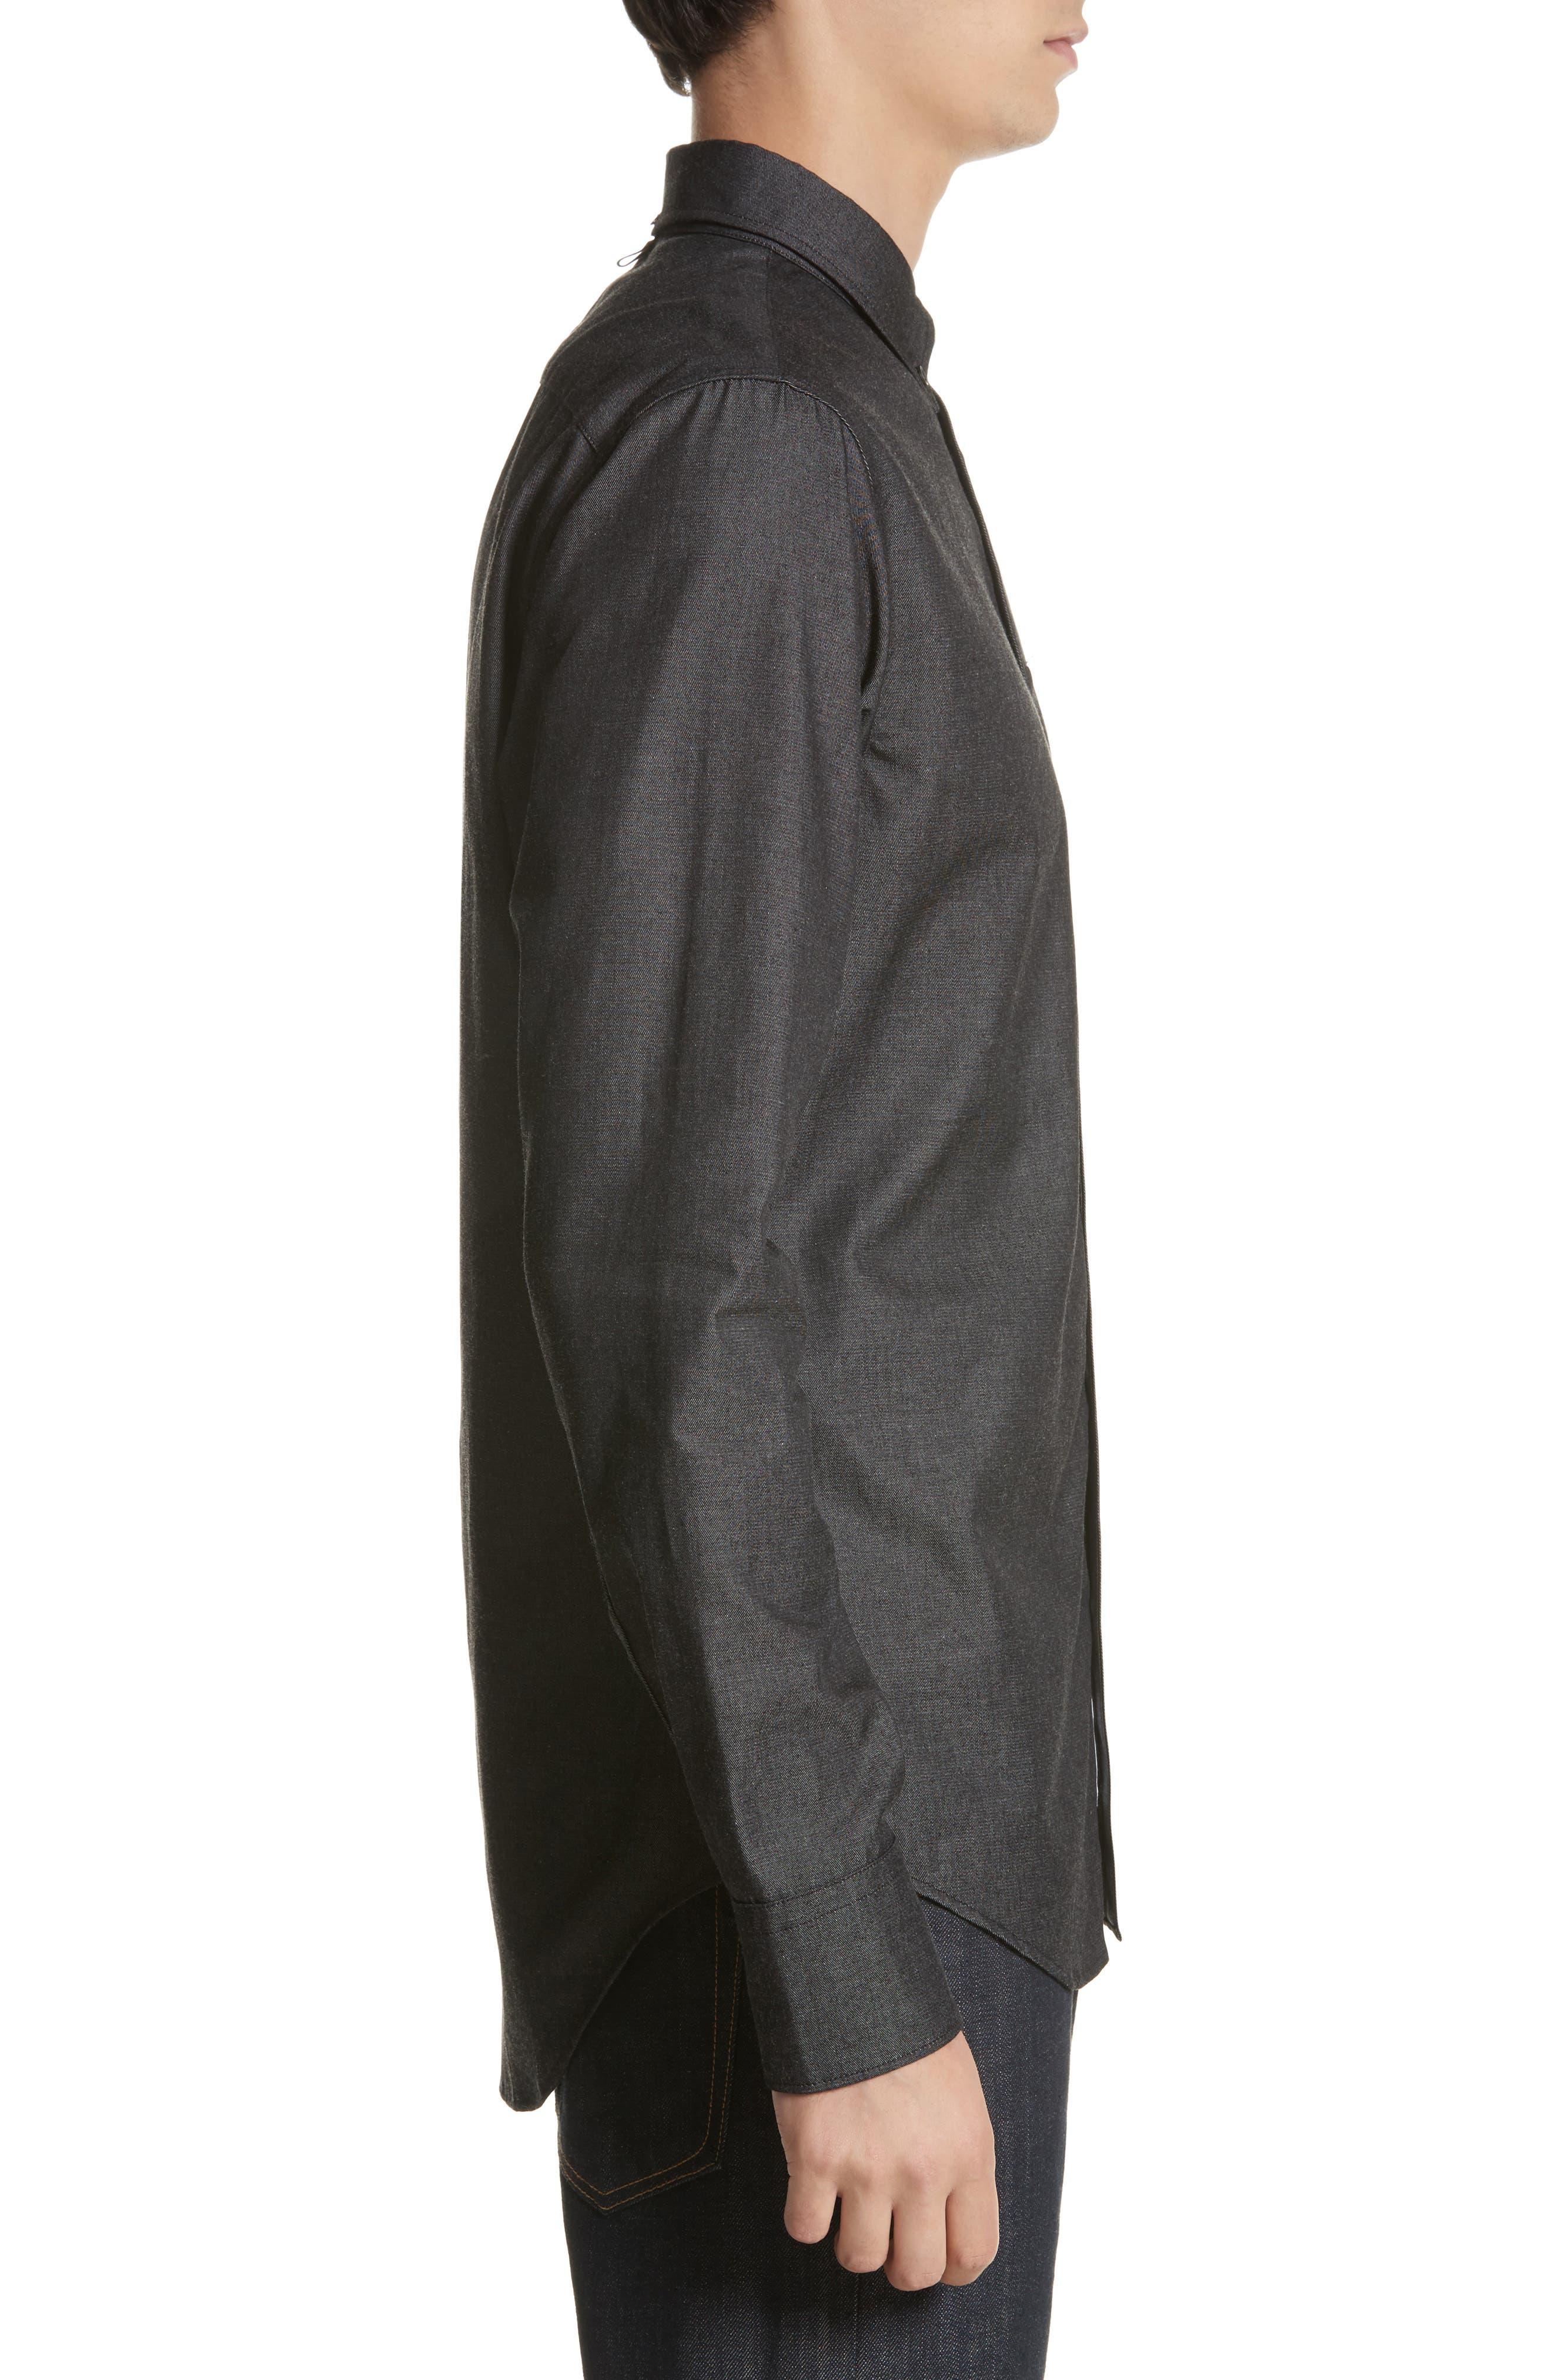 Fit 2 Tomlin Shirt,                             Alternate thumbnail 4, color,                             Black